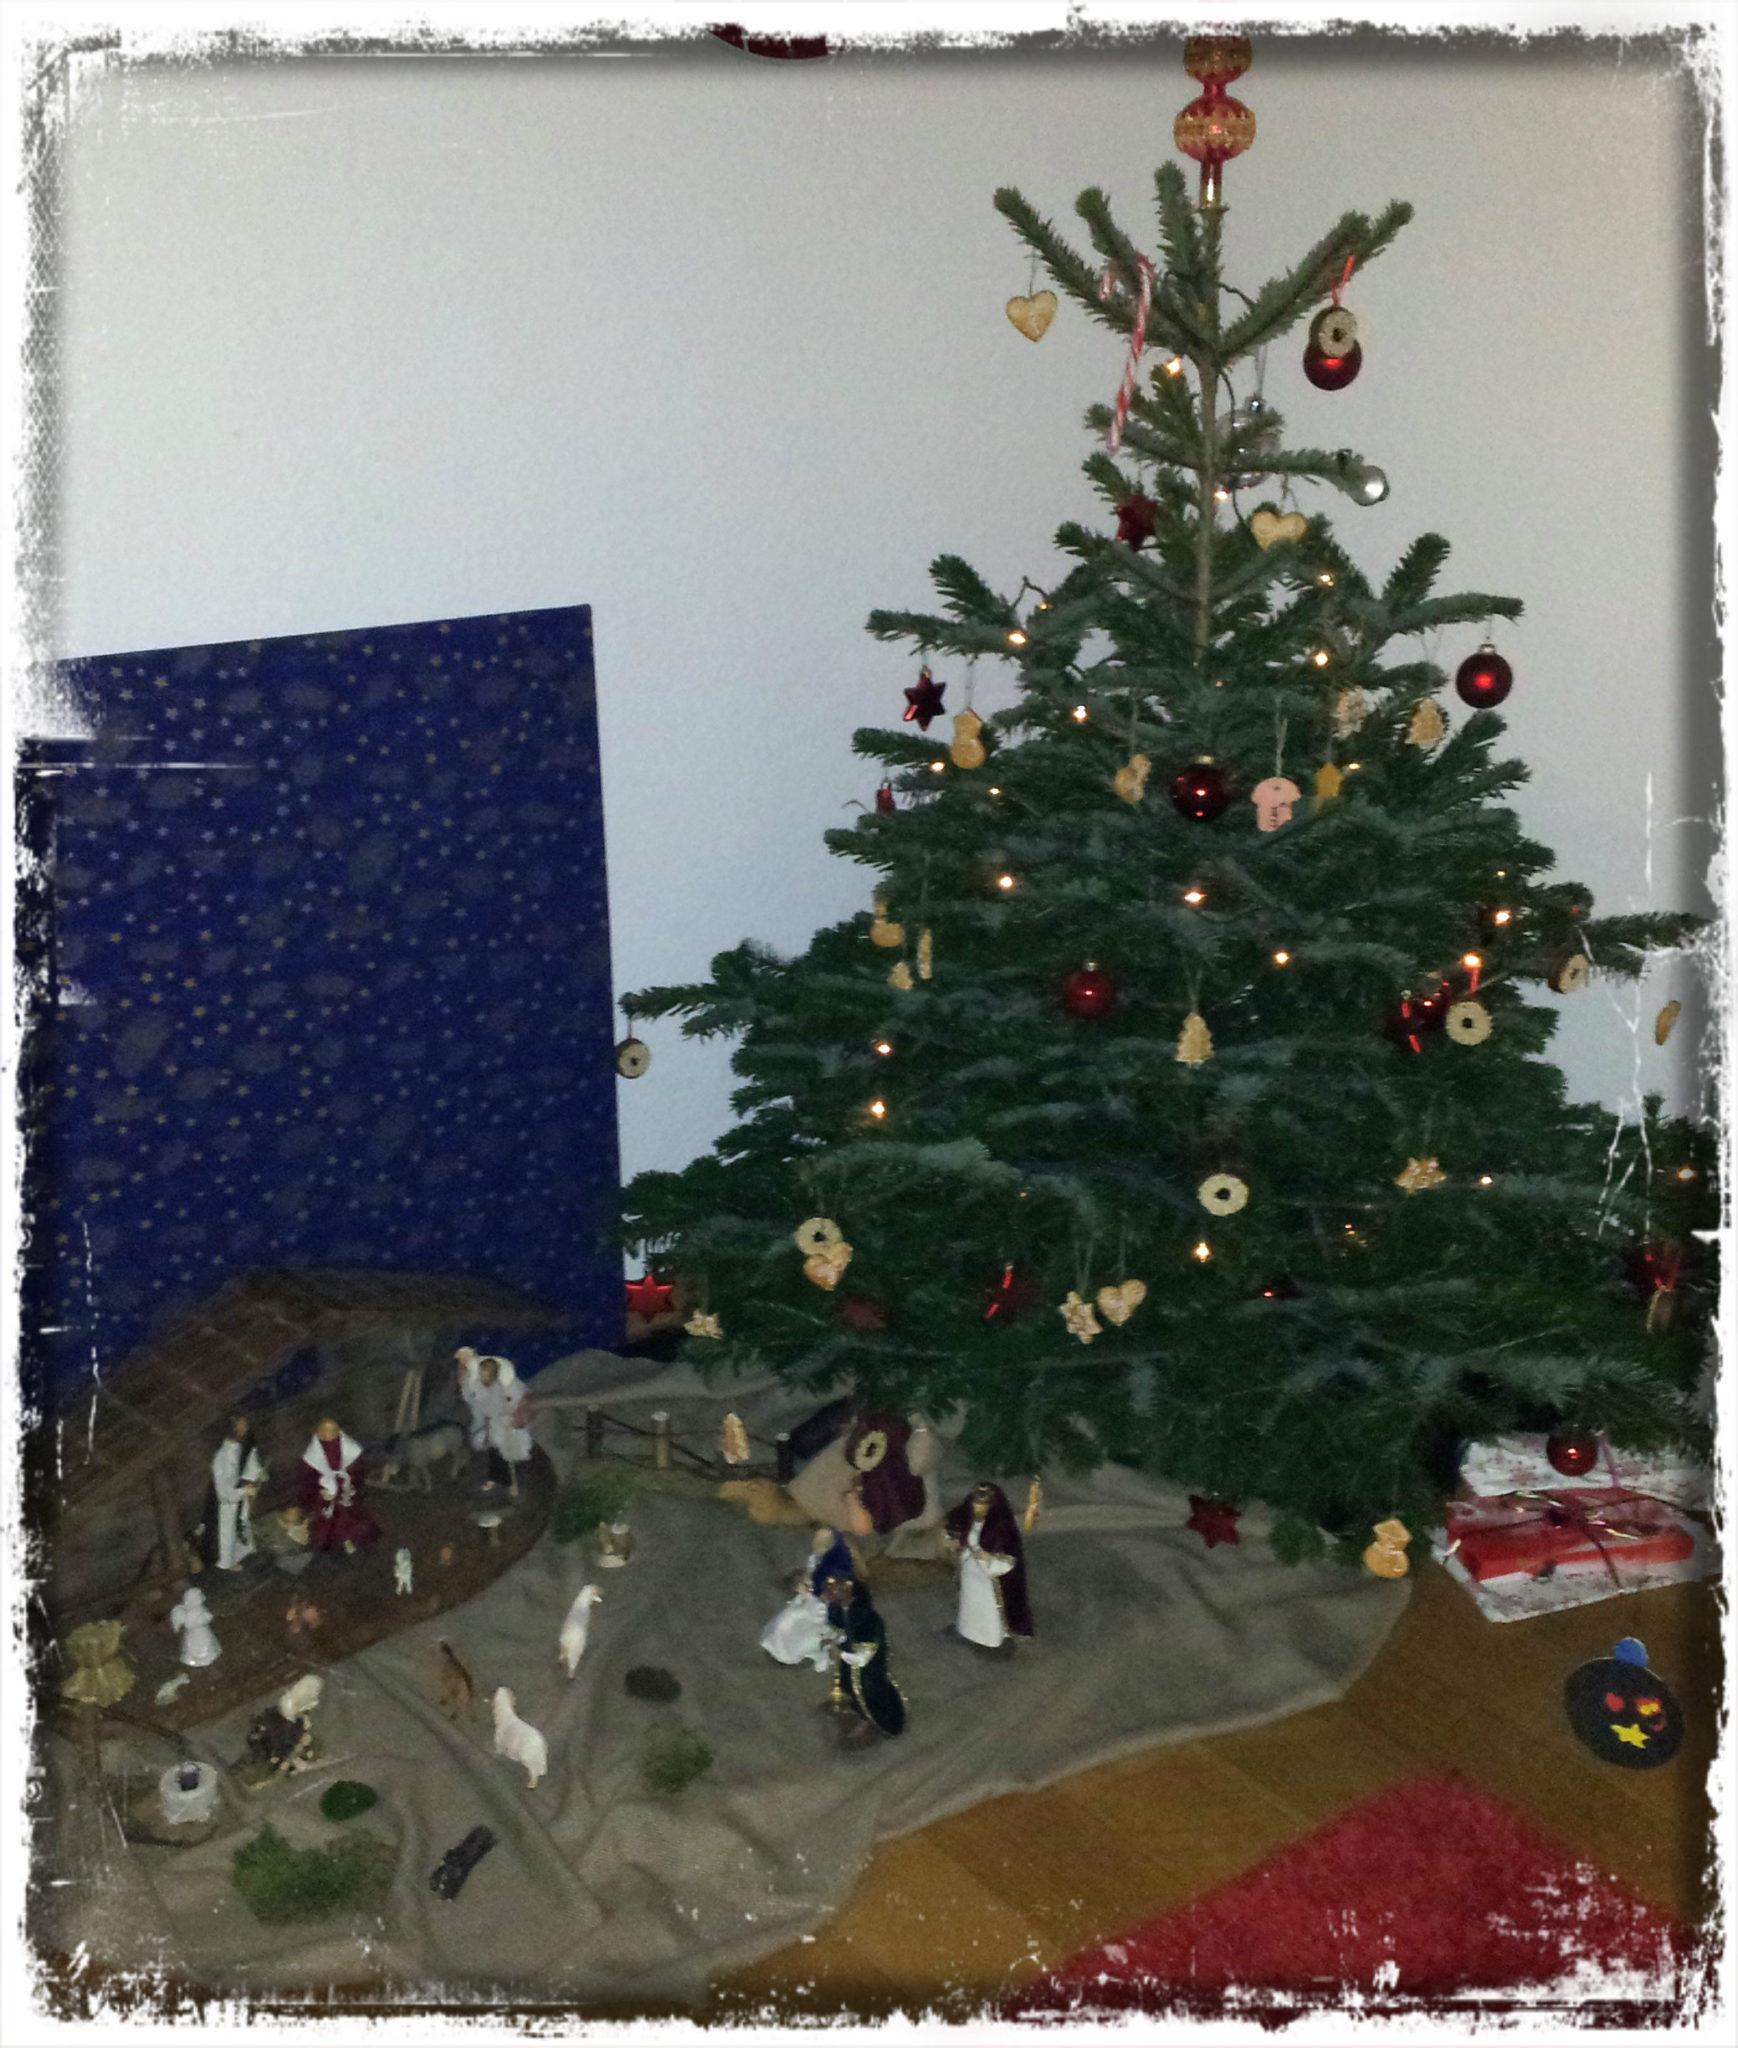 weihnachtsbaum schm cken mit lina und janne nan s welt. Black Bedroom Furniture Sets. Home Design Ideas